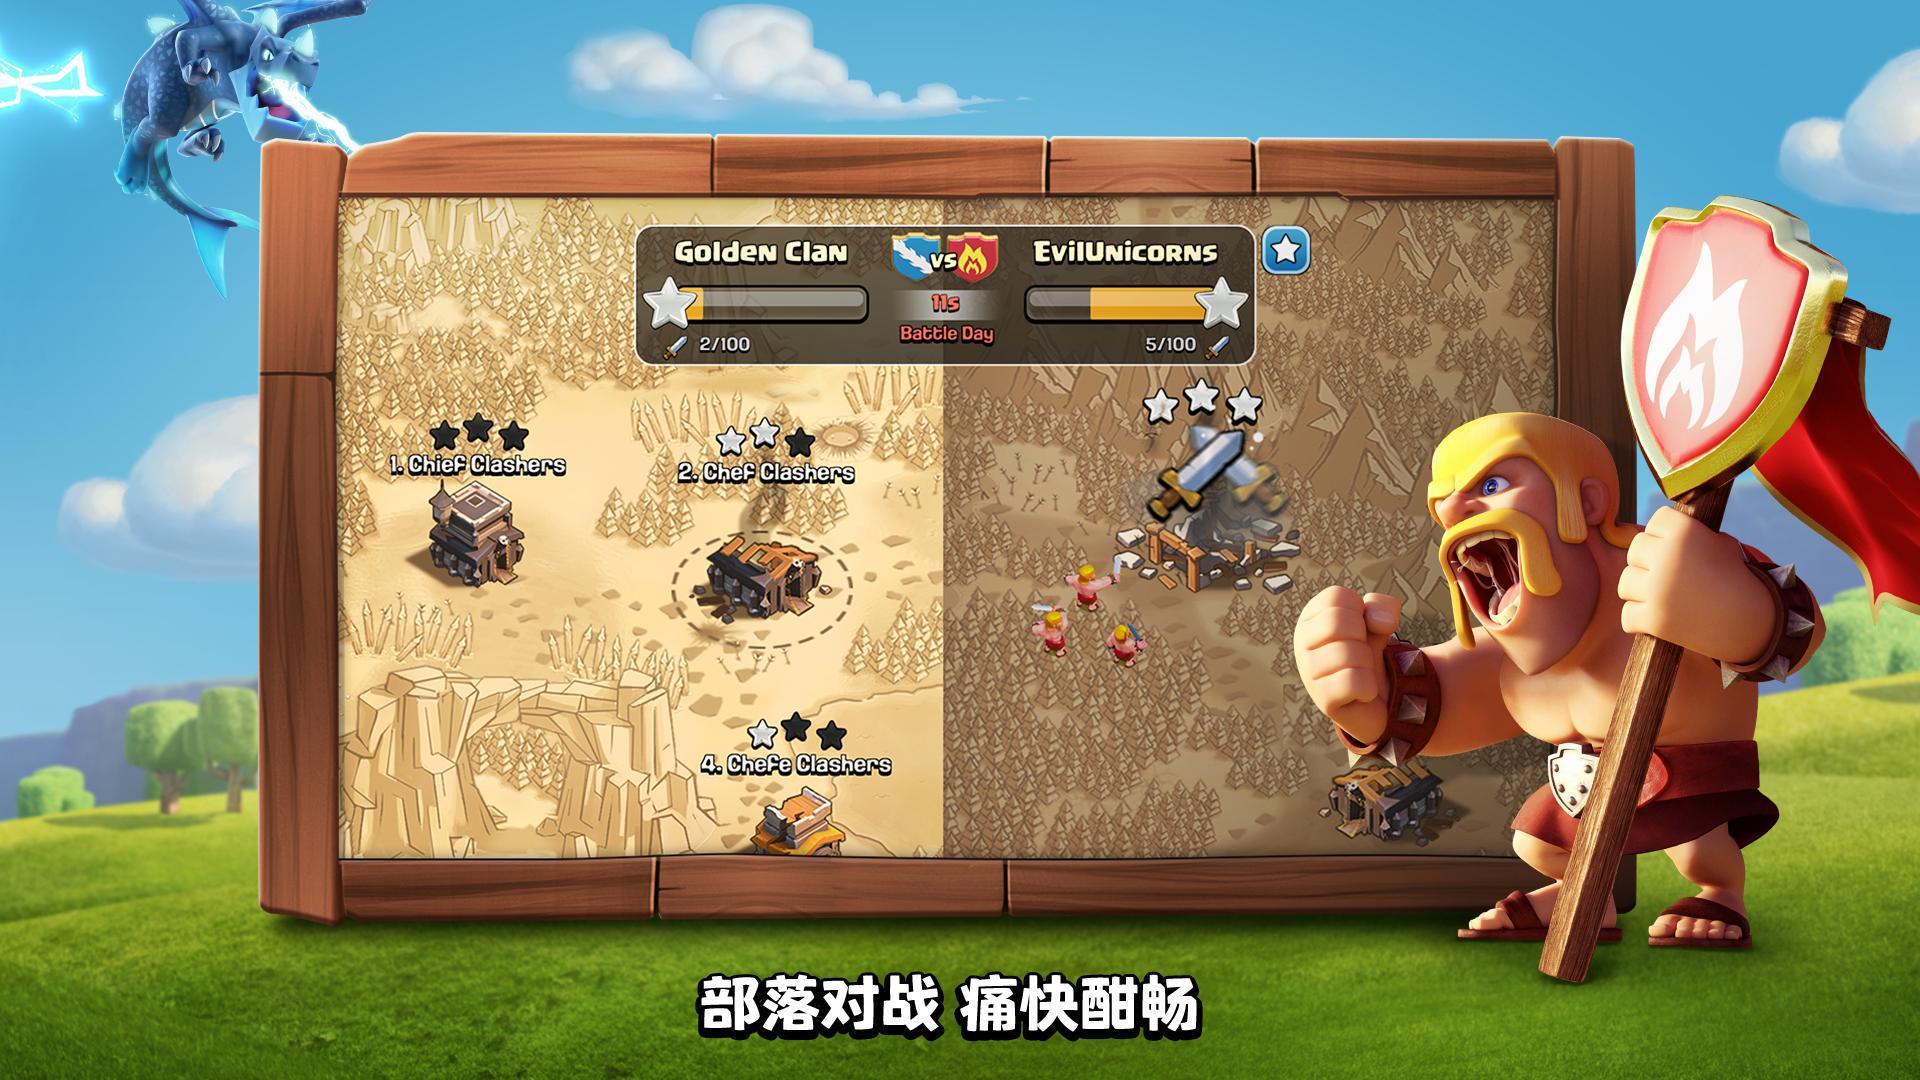 部落冲突(COC) 游戏截图2